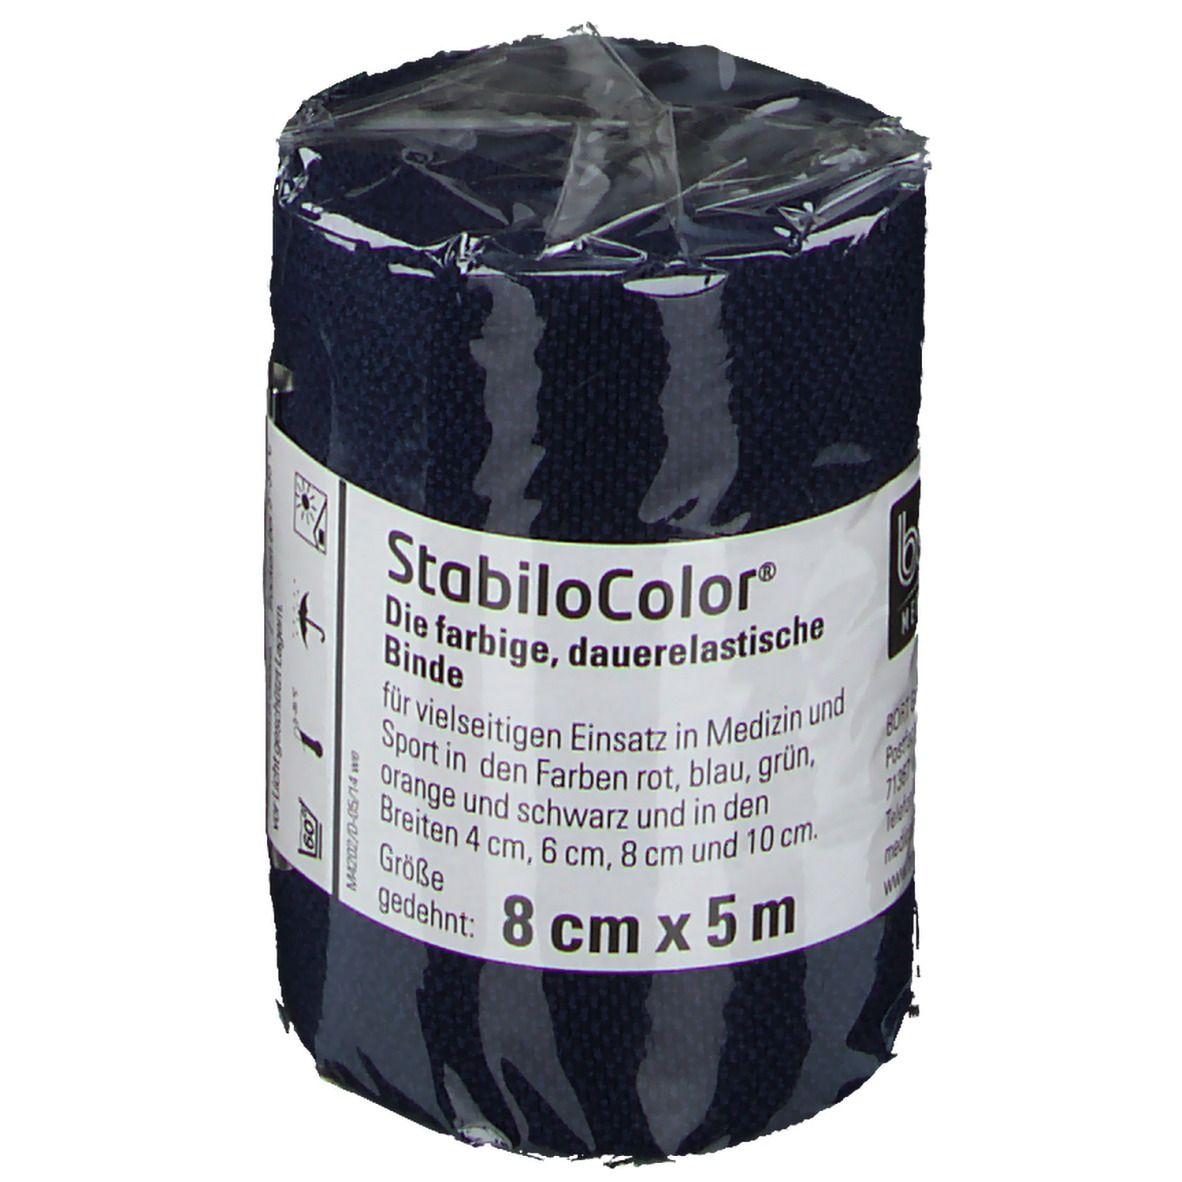 BORT StabiloColor® Binde 8 cm blau